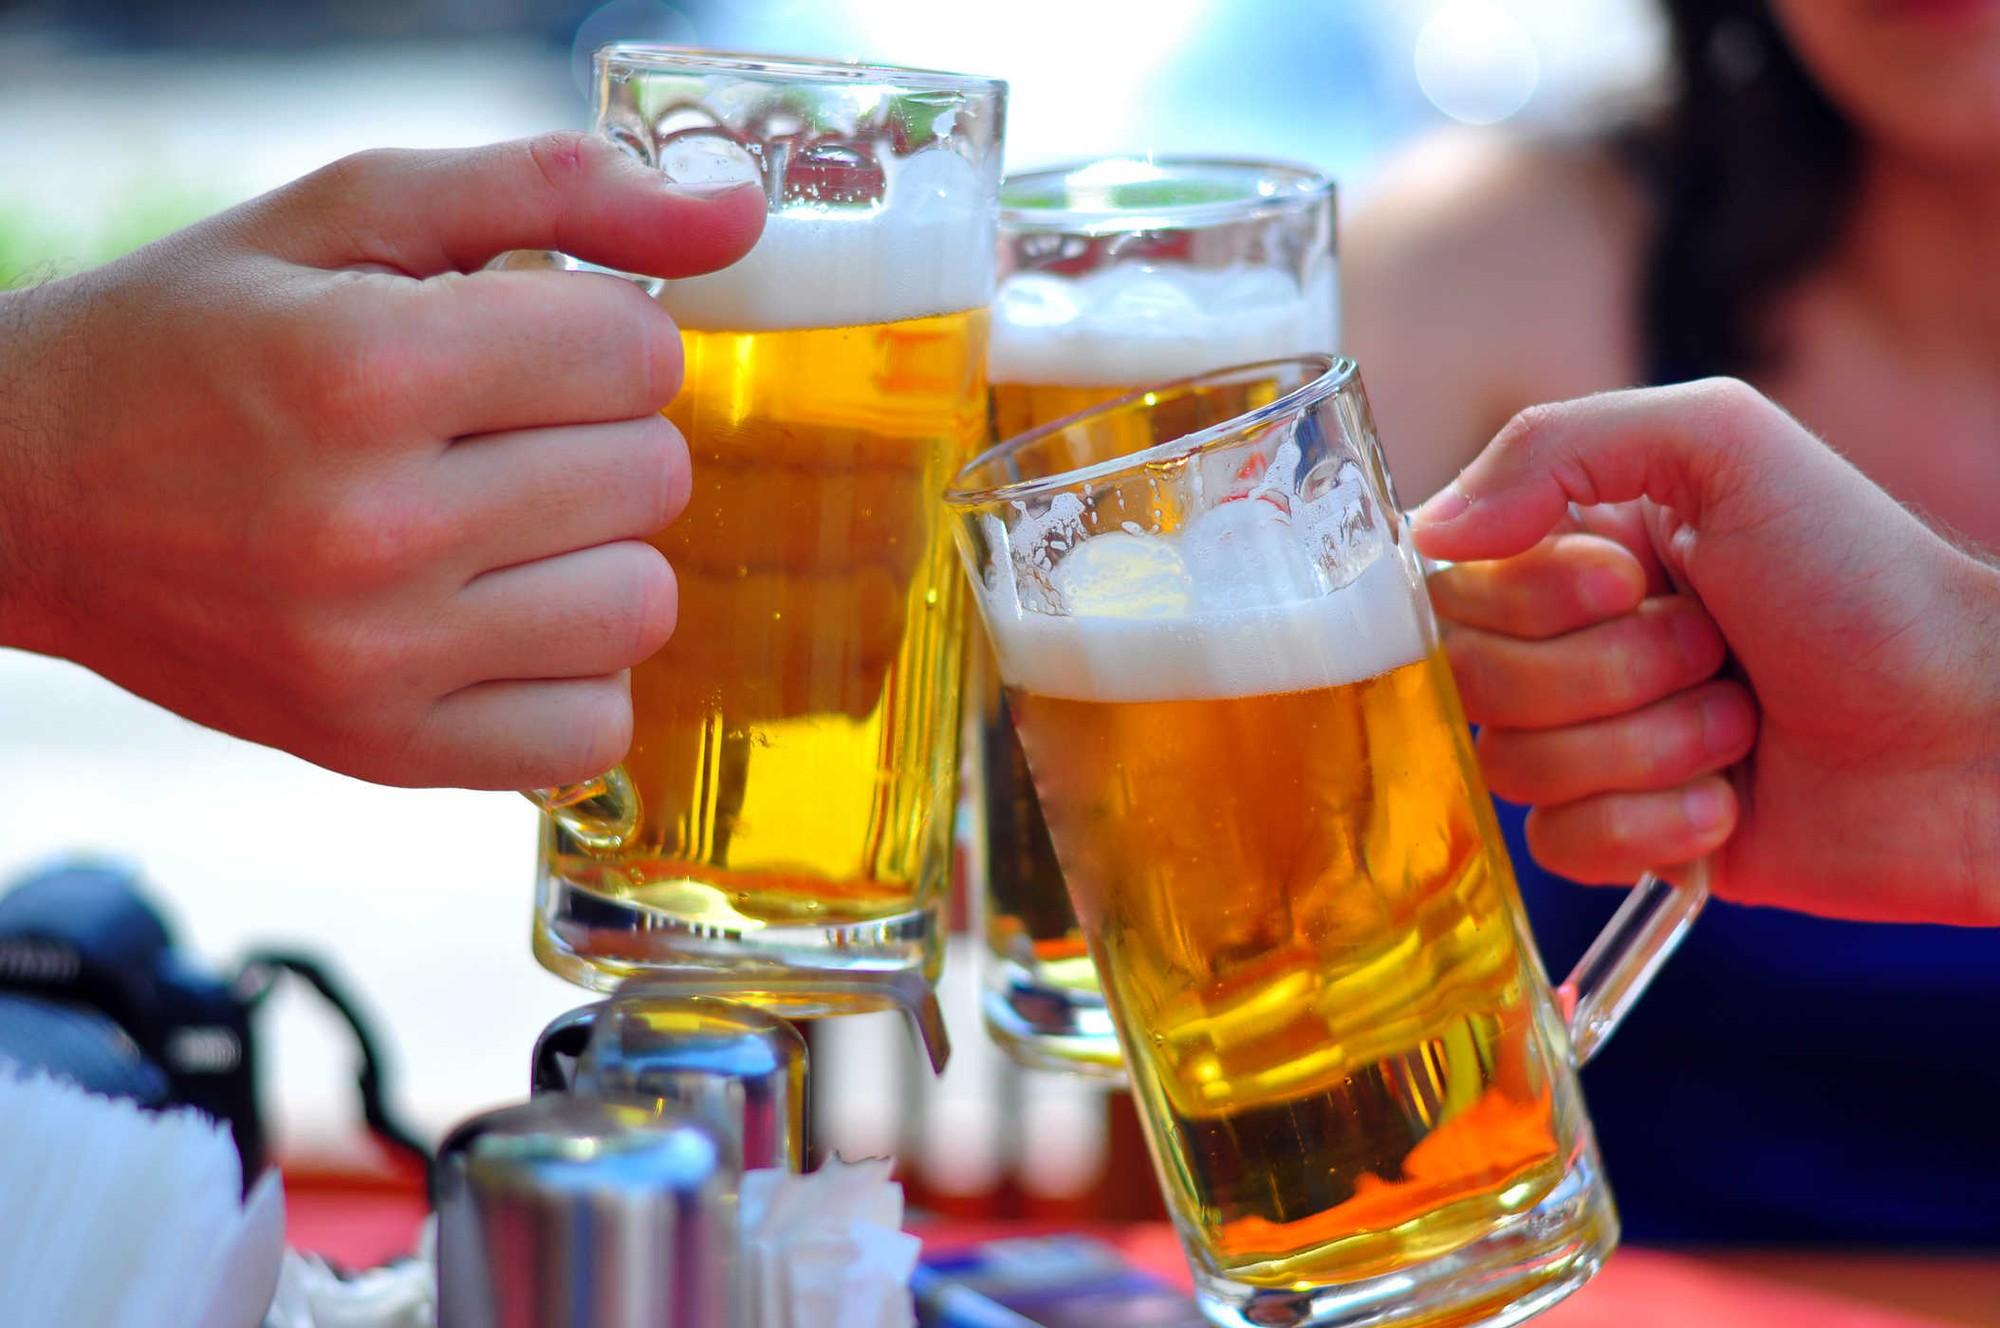 """Bia """"mát"""" hơn rượu: Chuyên gia WHO nói gì? - Báo Người lao động"""